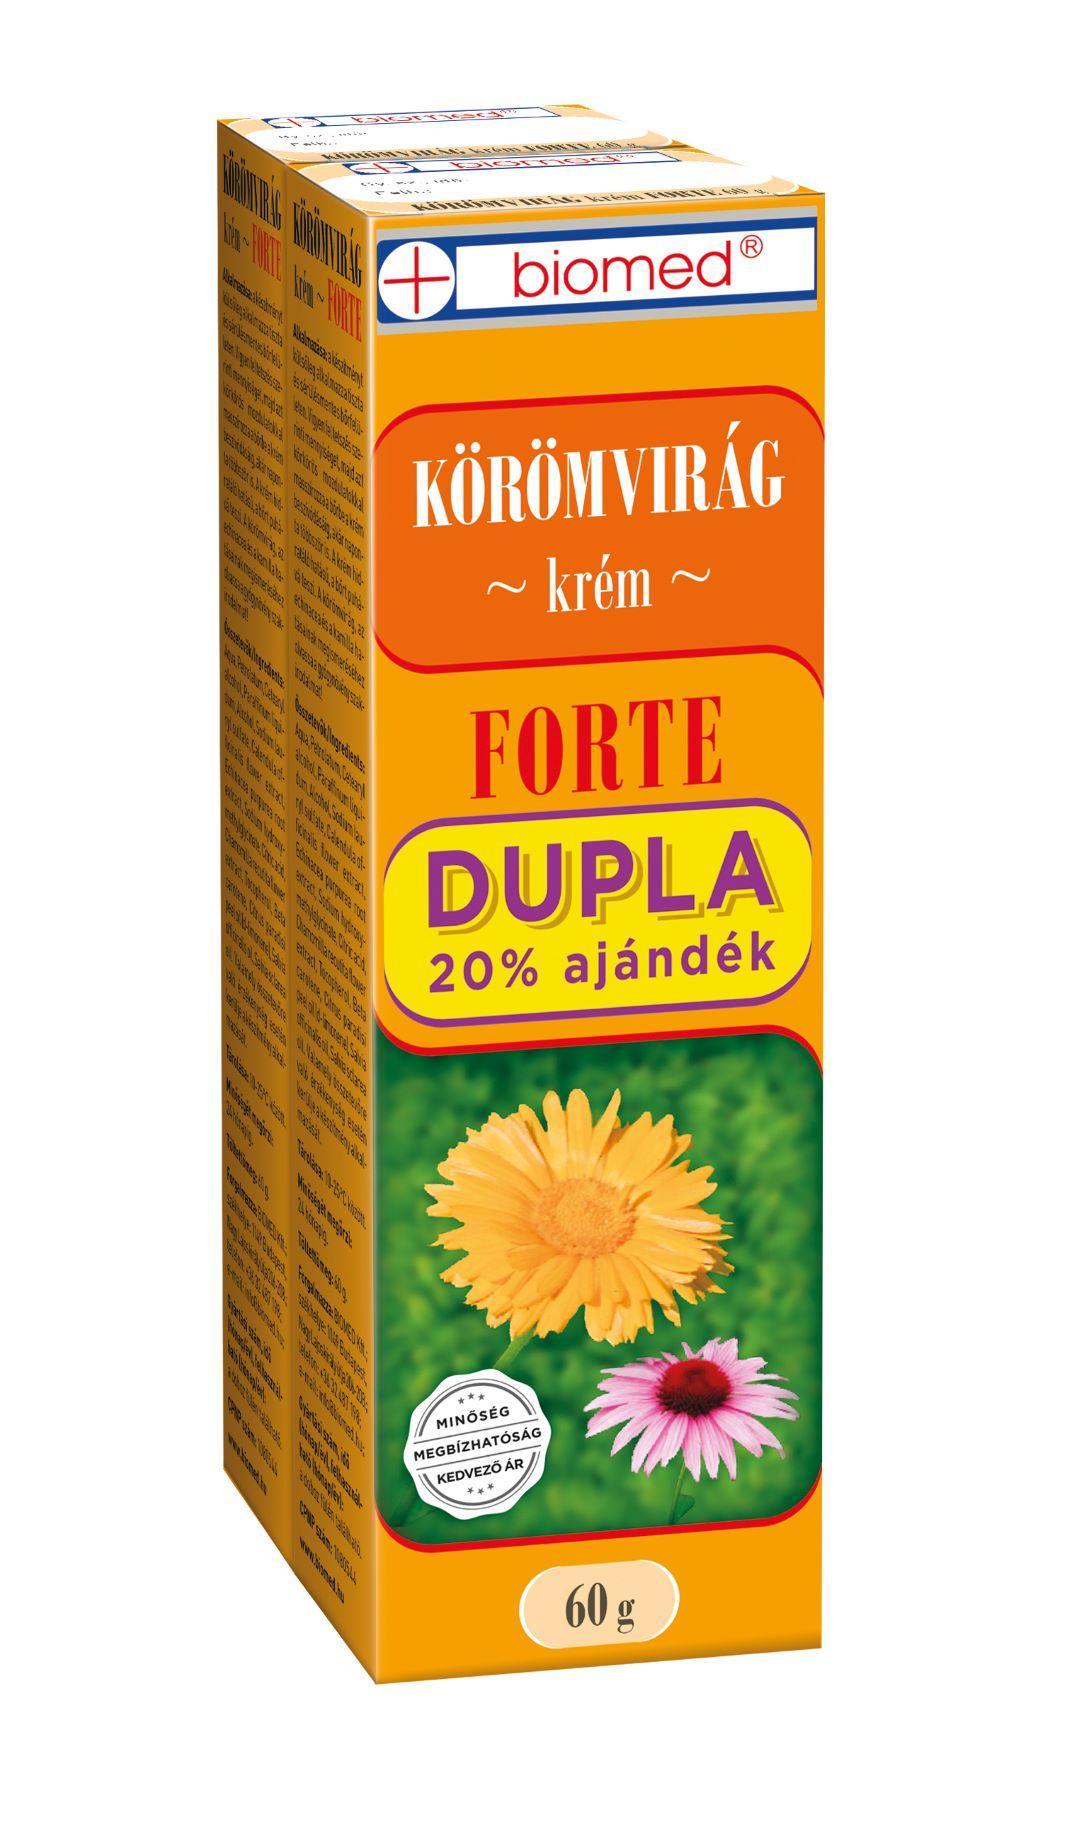 Biomed Körömvirág krém Forte Dupla 2x60g